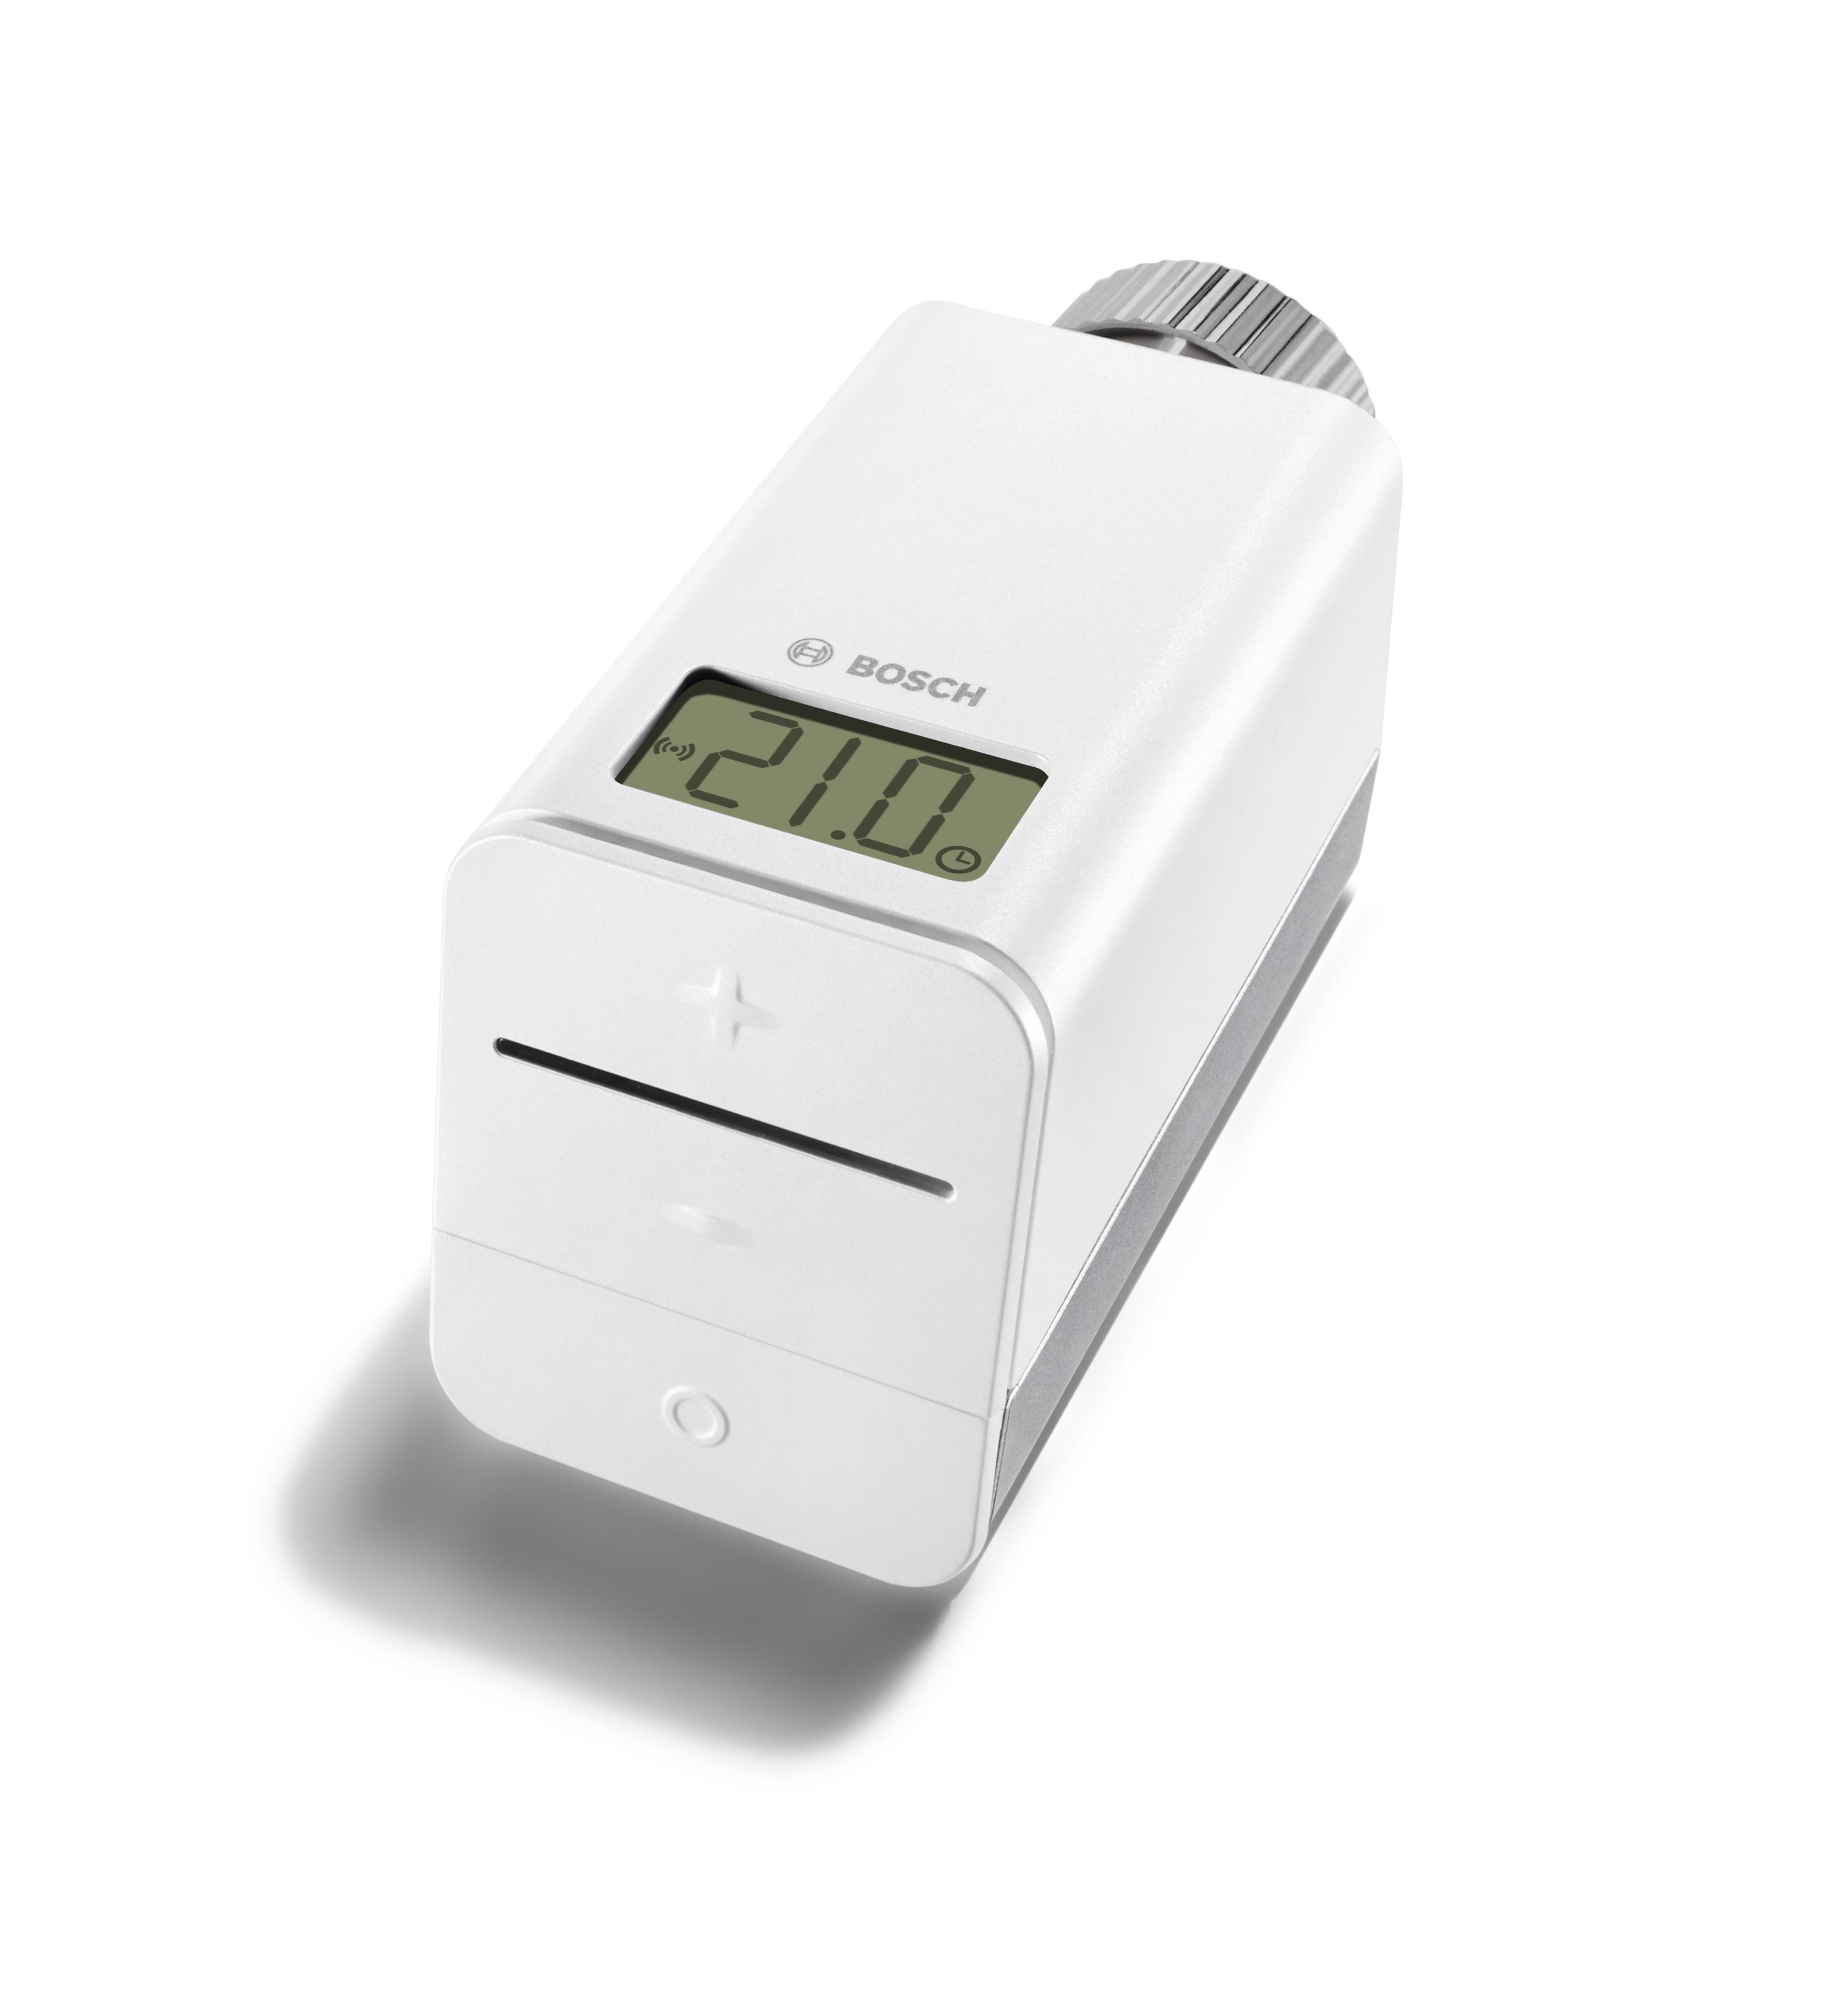 Bosch Smart Home App gesteuertes Heizkörper Thermostat Heizung Thermostatkopf